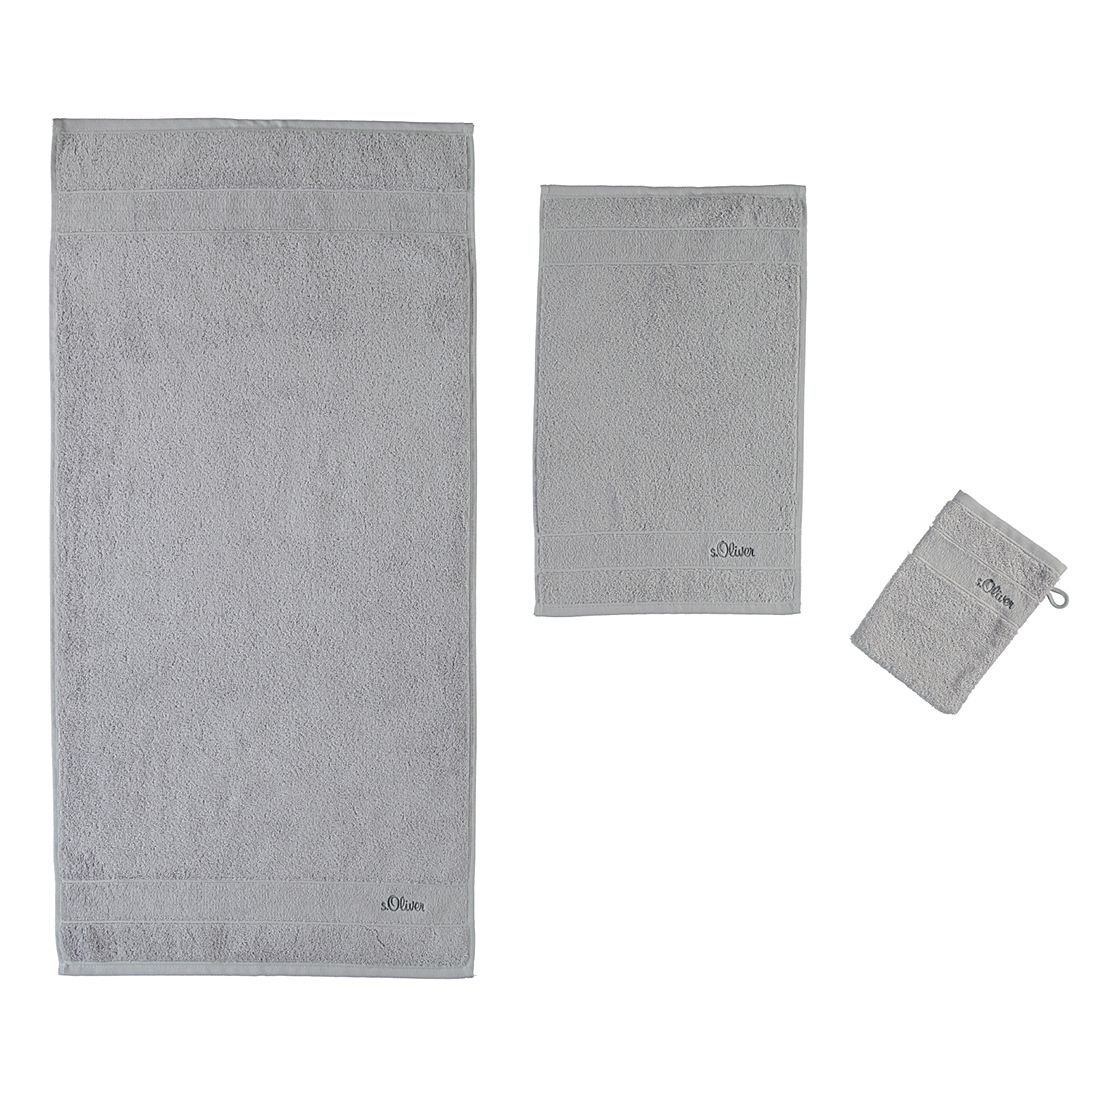 Handtücher Uni 3700 – Baumwolle – Silber – Duschtuch 70×140 cm, s.Oliver günstig kaufen